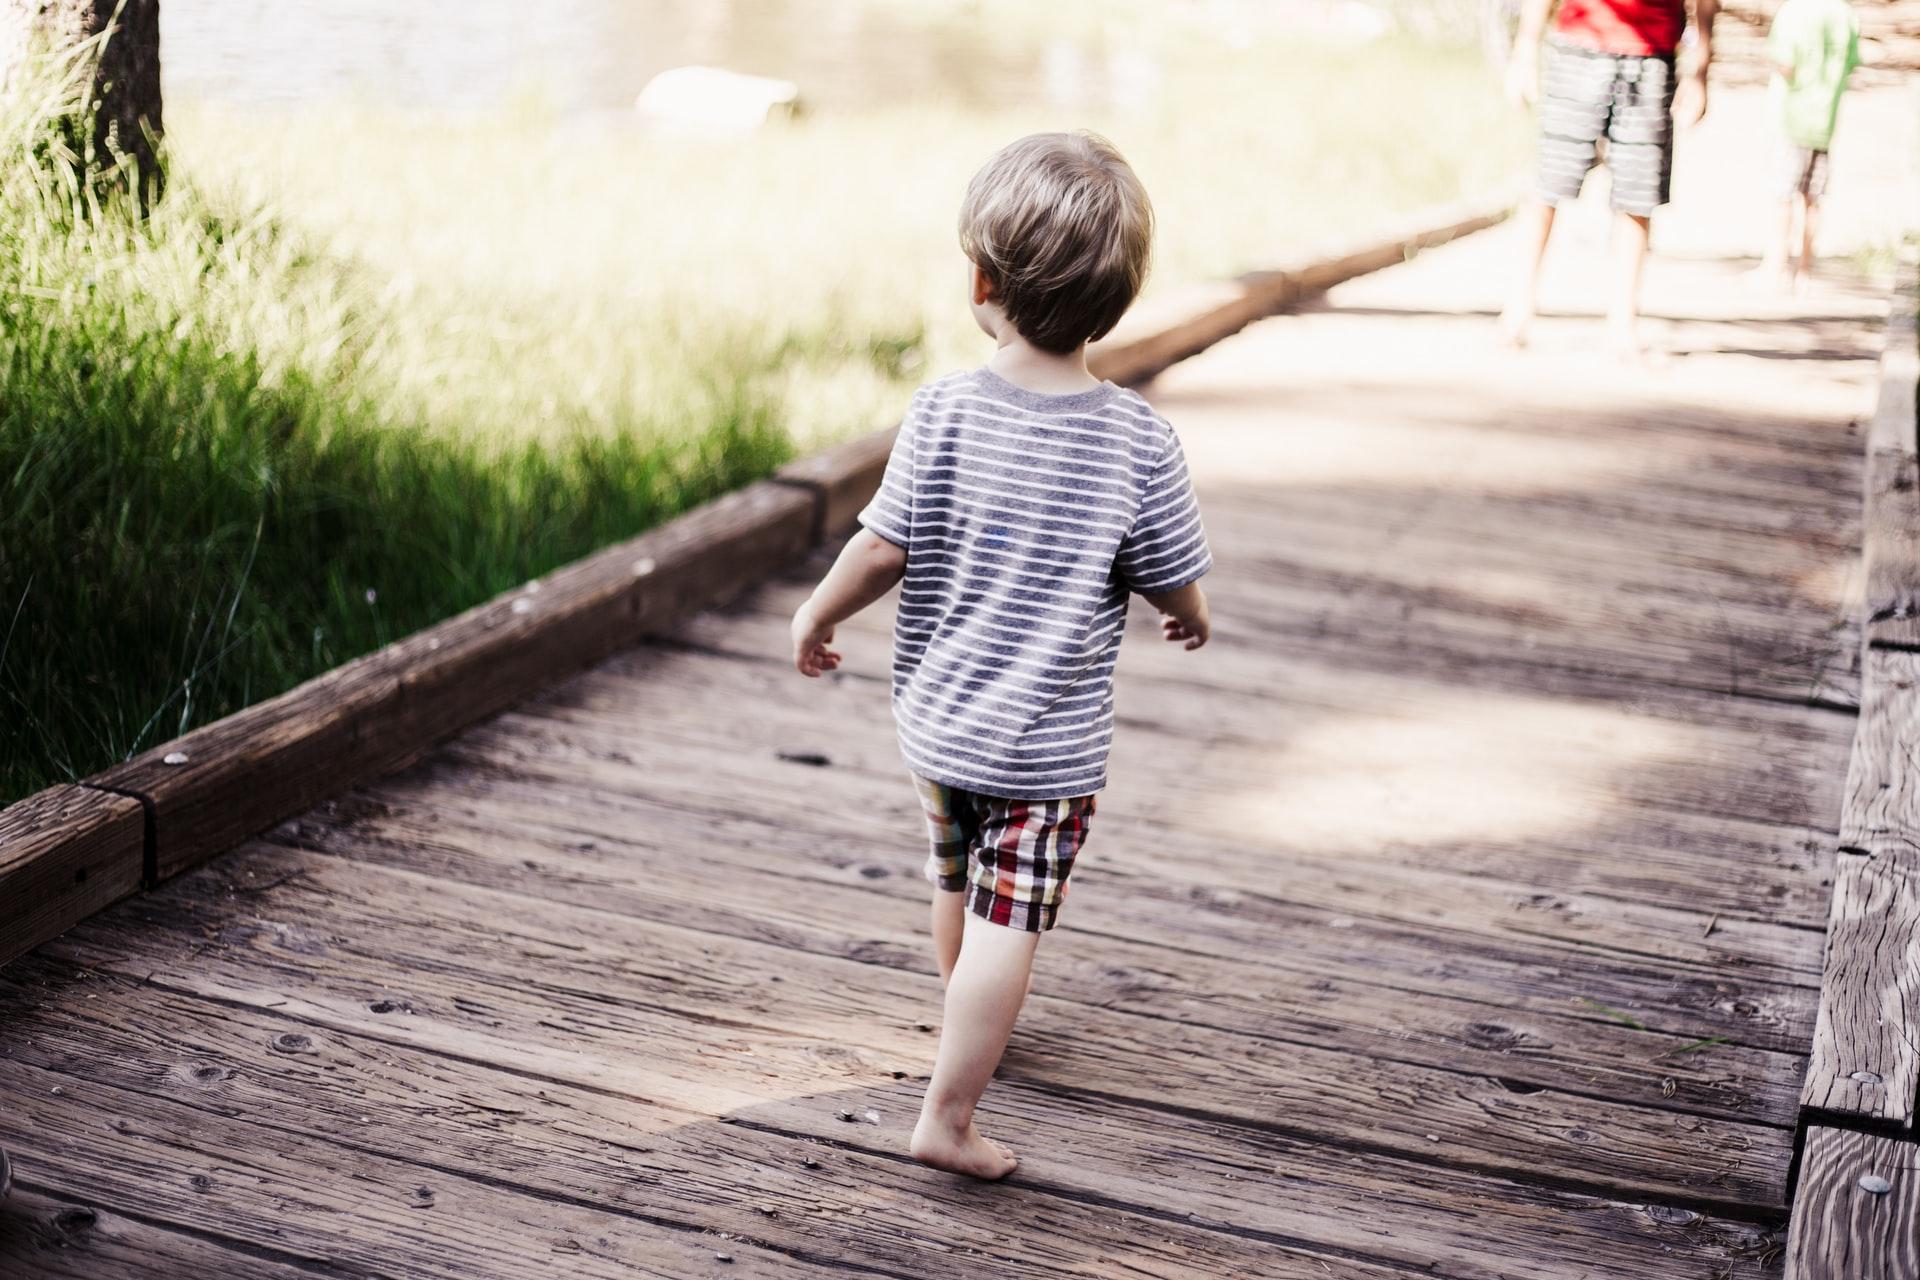 Dowiedz się, jak szybko rośnie dziecko w pierwszych latach życia